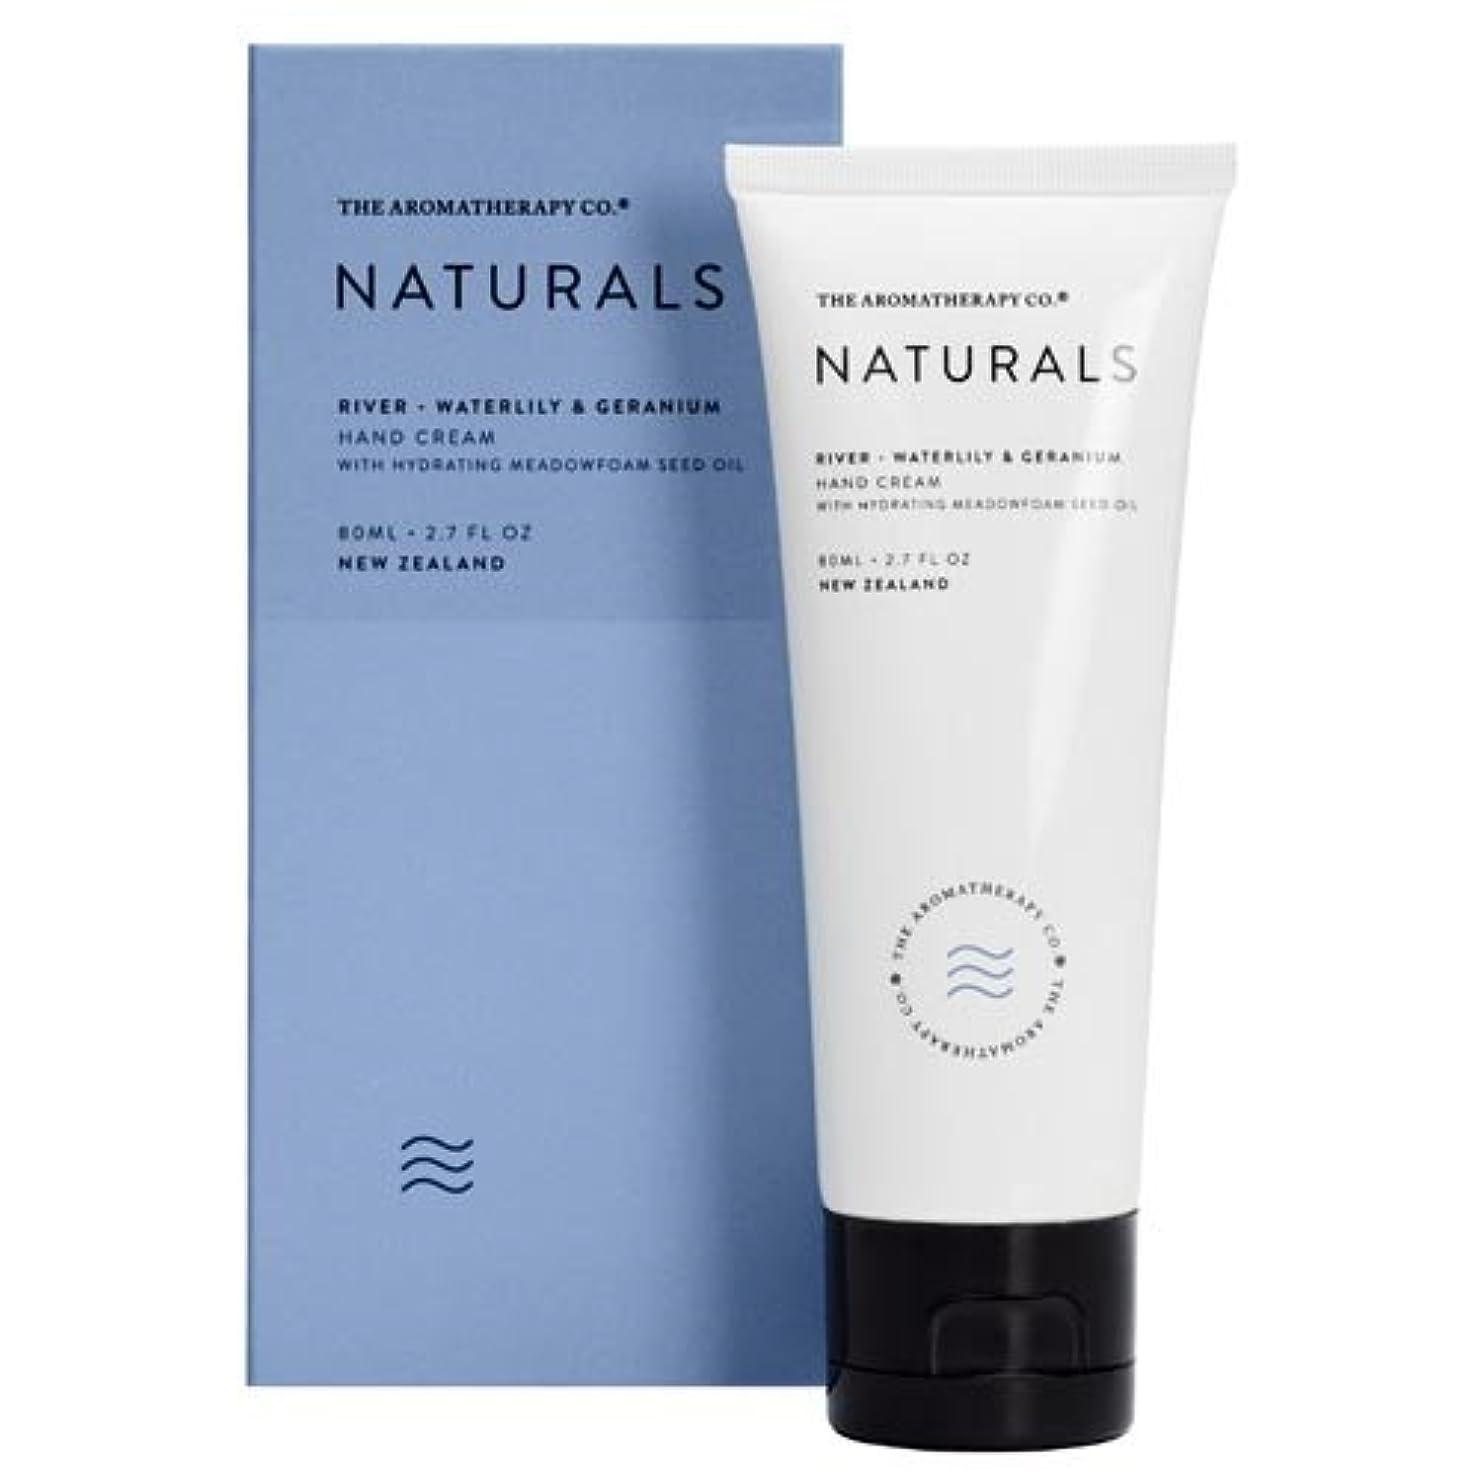 コイル人工騙すnew NATURALS ナチュラルズ Hand Cream ハンドクリーム River リバー(川)Waterlily & Geranium ウォーターリリー&ゼラニウム